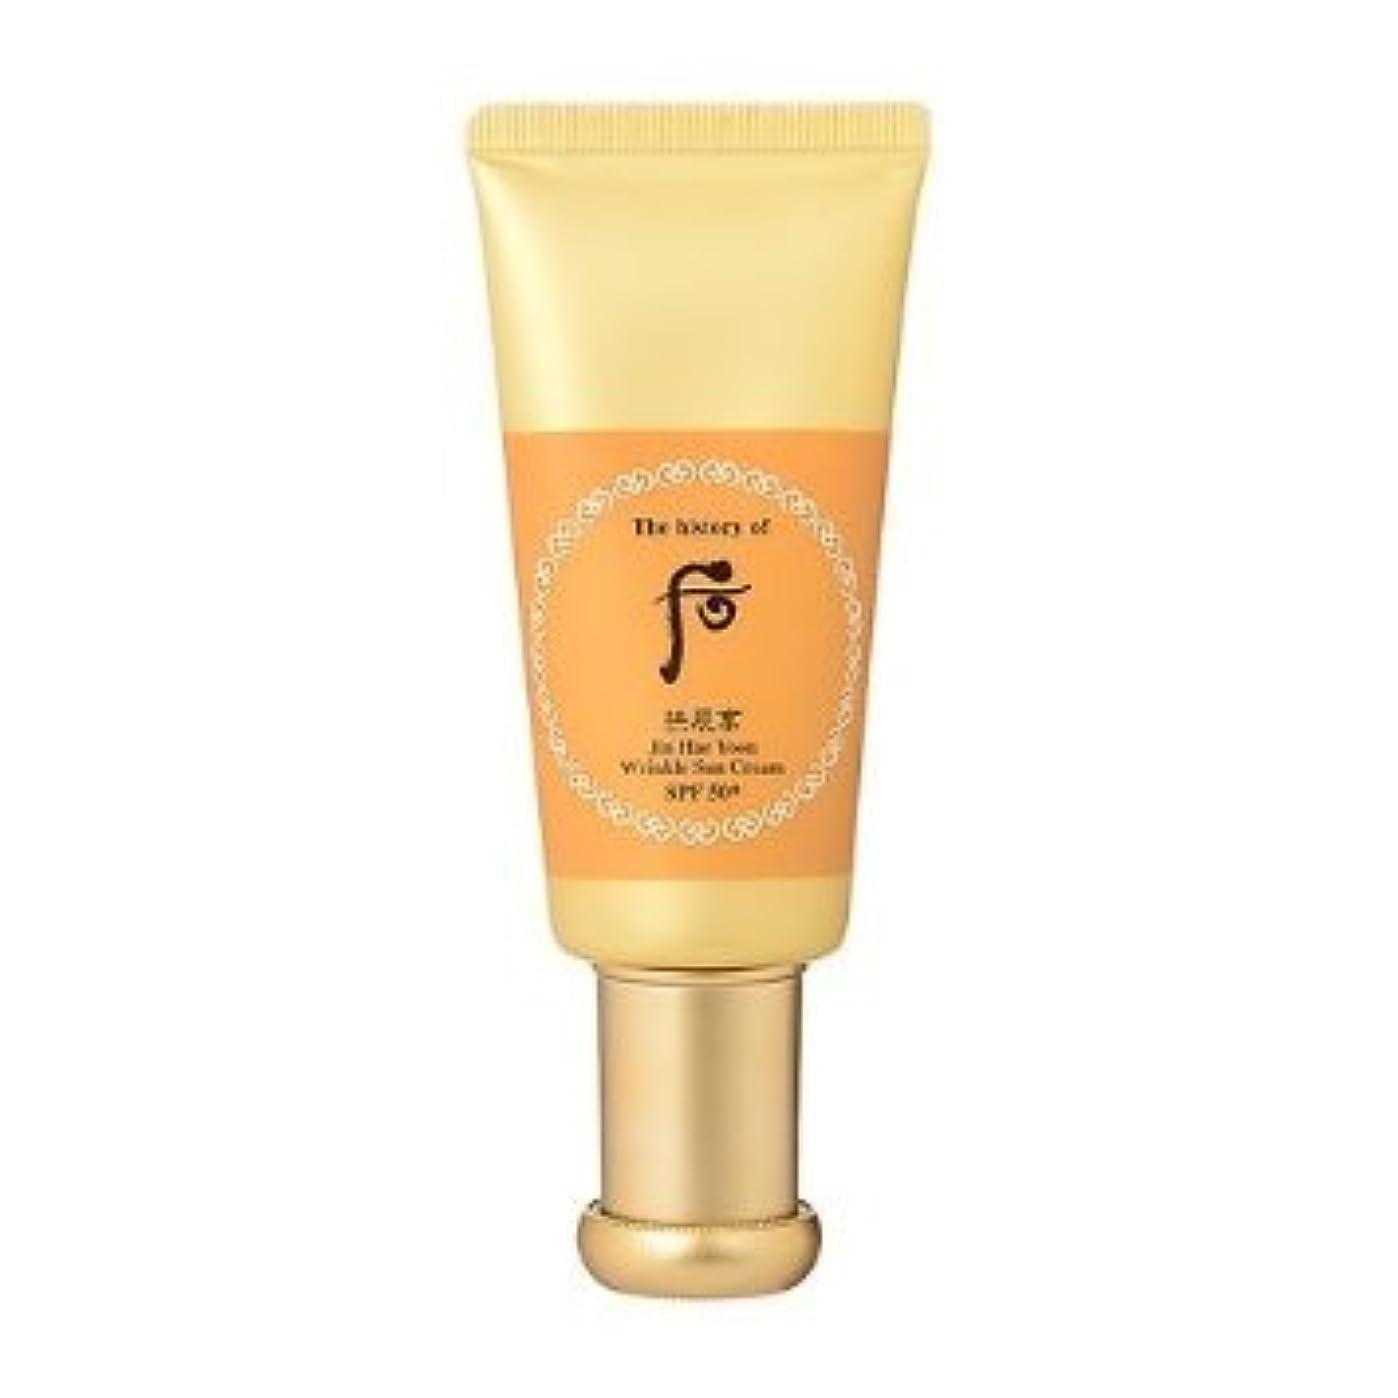 千にじみ出る百科事典The History of Whoo Gongjinhyang Jin Hae Yoon Wrinkle Sun Cream(spf5-+ Pa+++) 50ml(SPF50+, PA+++) 15g x 2ea[行輸入品]